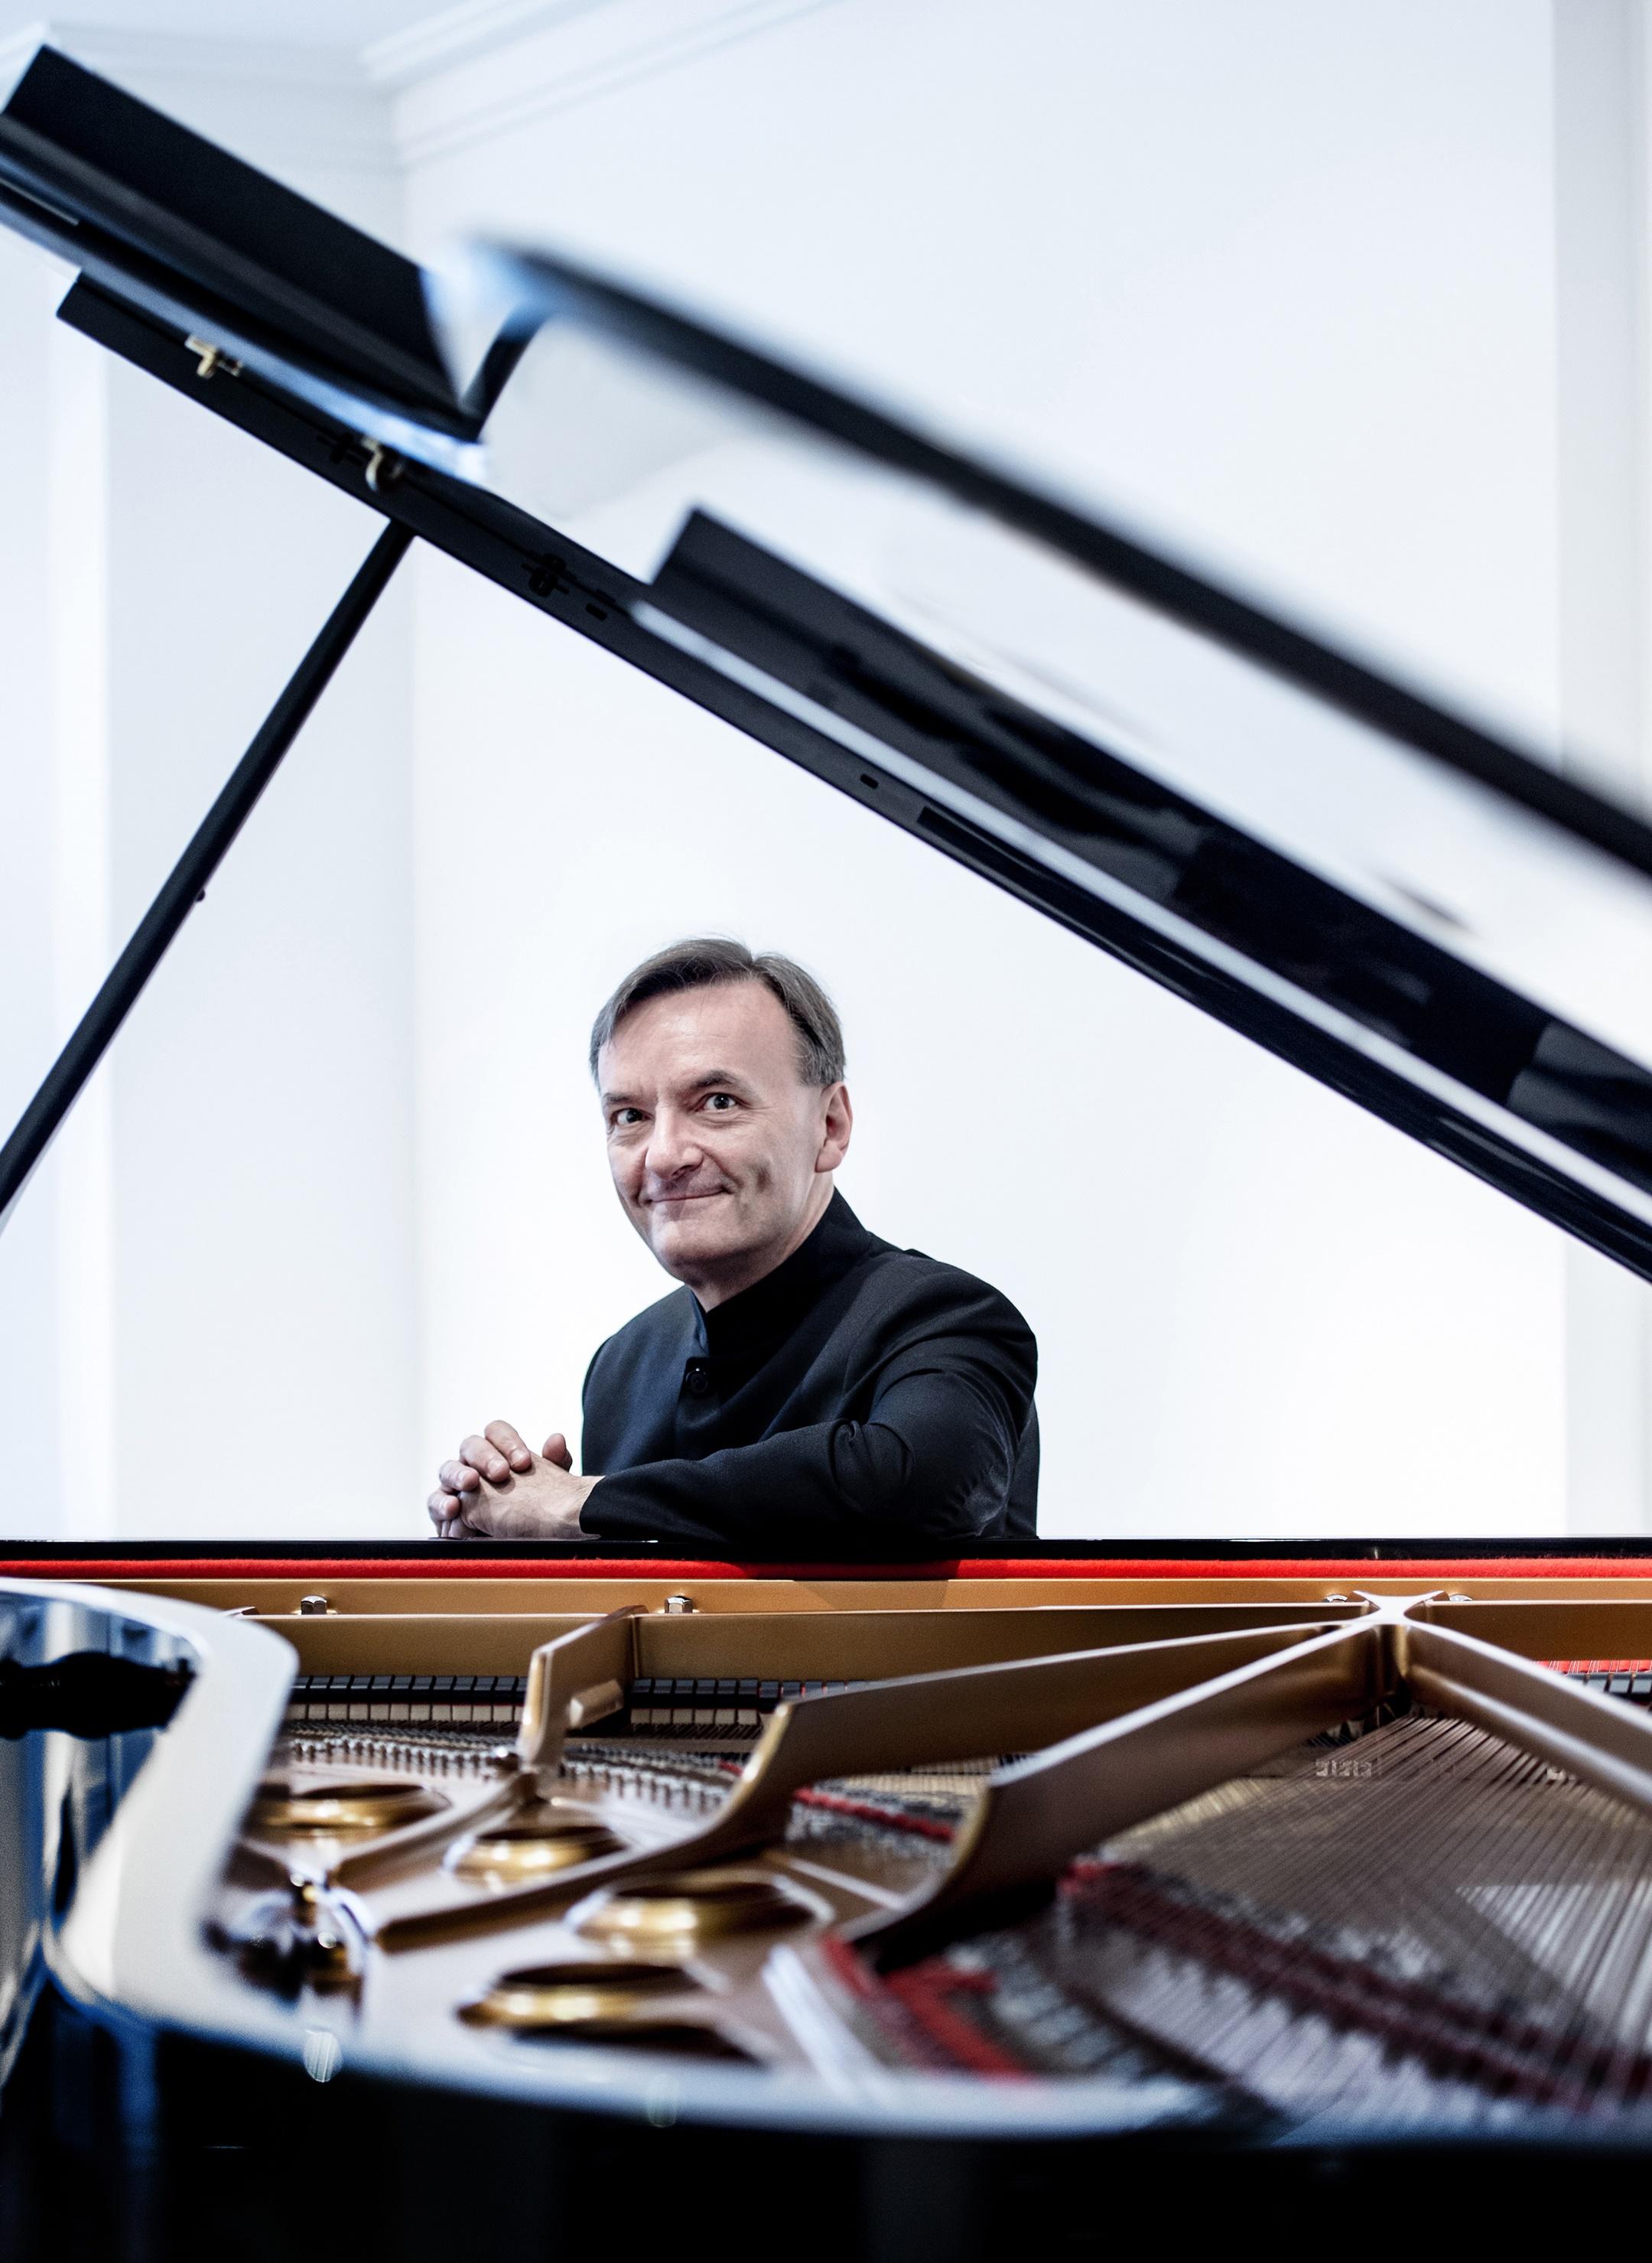 【XSO2020樂季】斯蒂芬·霍夫——貝多芬《第四鋼琴協奏曲》與舒伯特《第九交響曲》